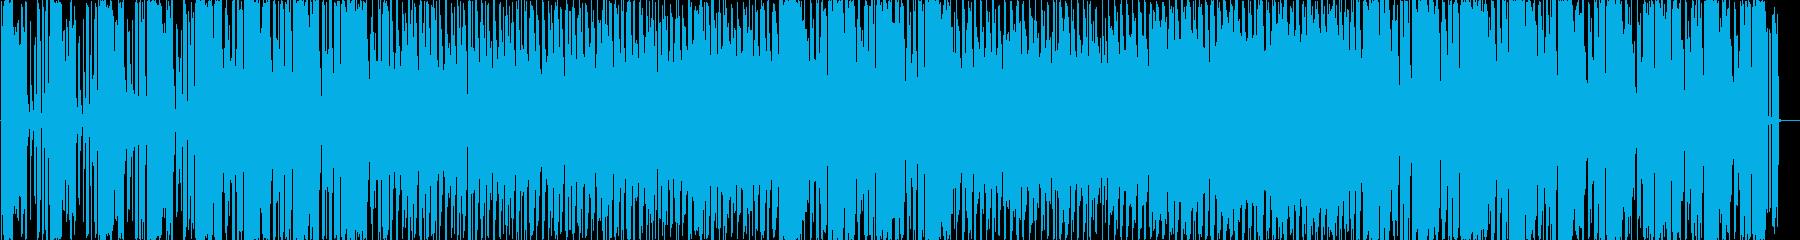 エレクトロ 技術的な 説明的 ad...の再生済みの波形